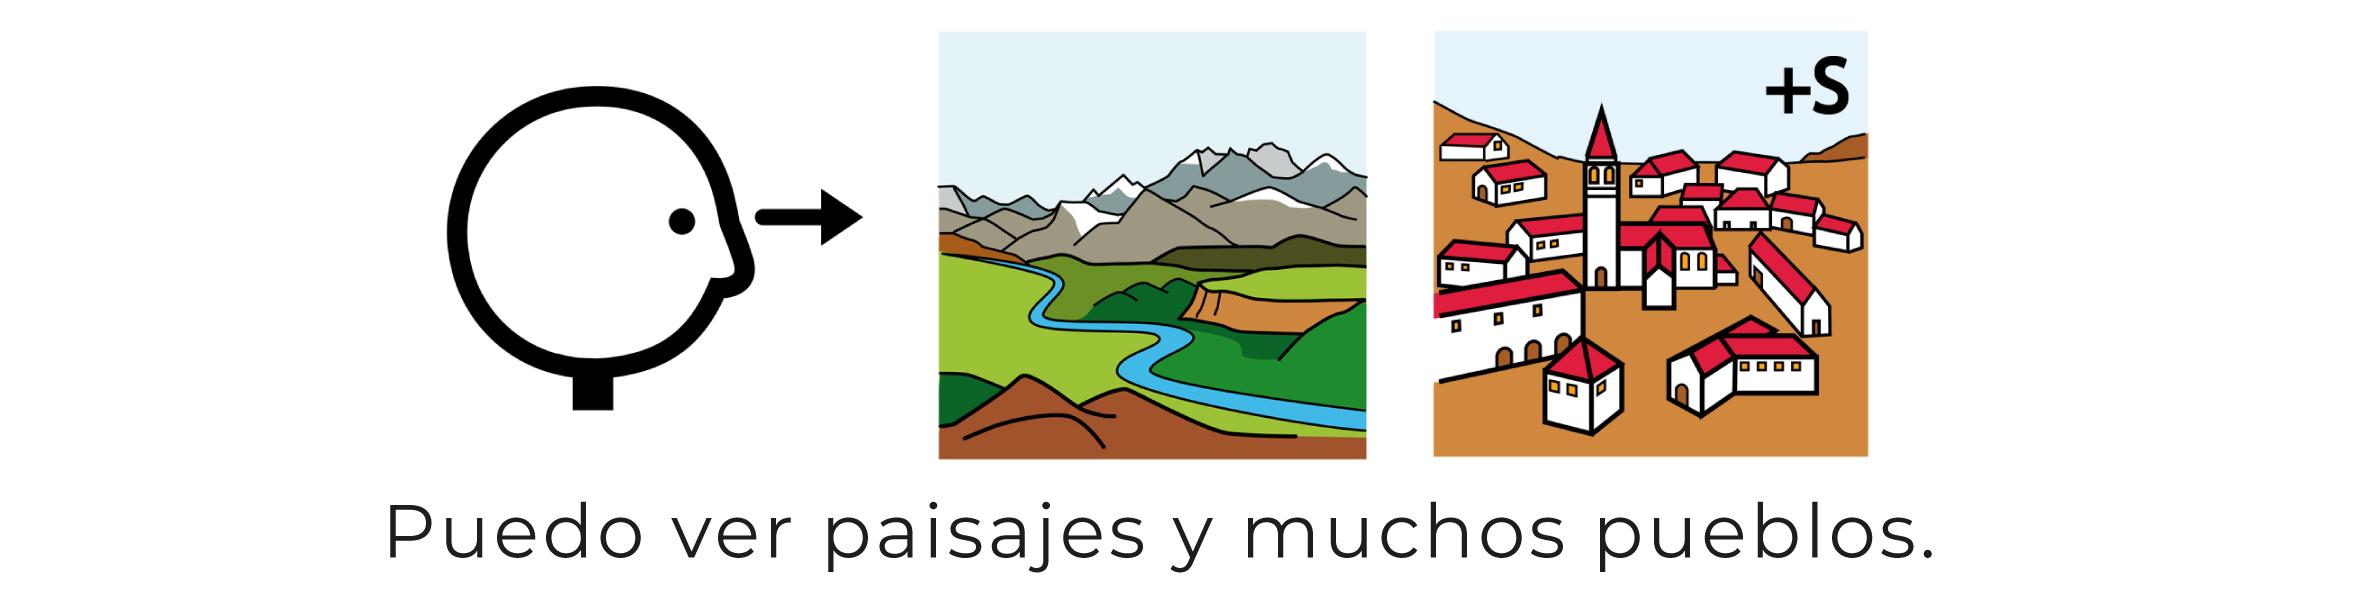 Ver paisajes pueblos